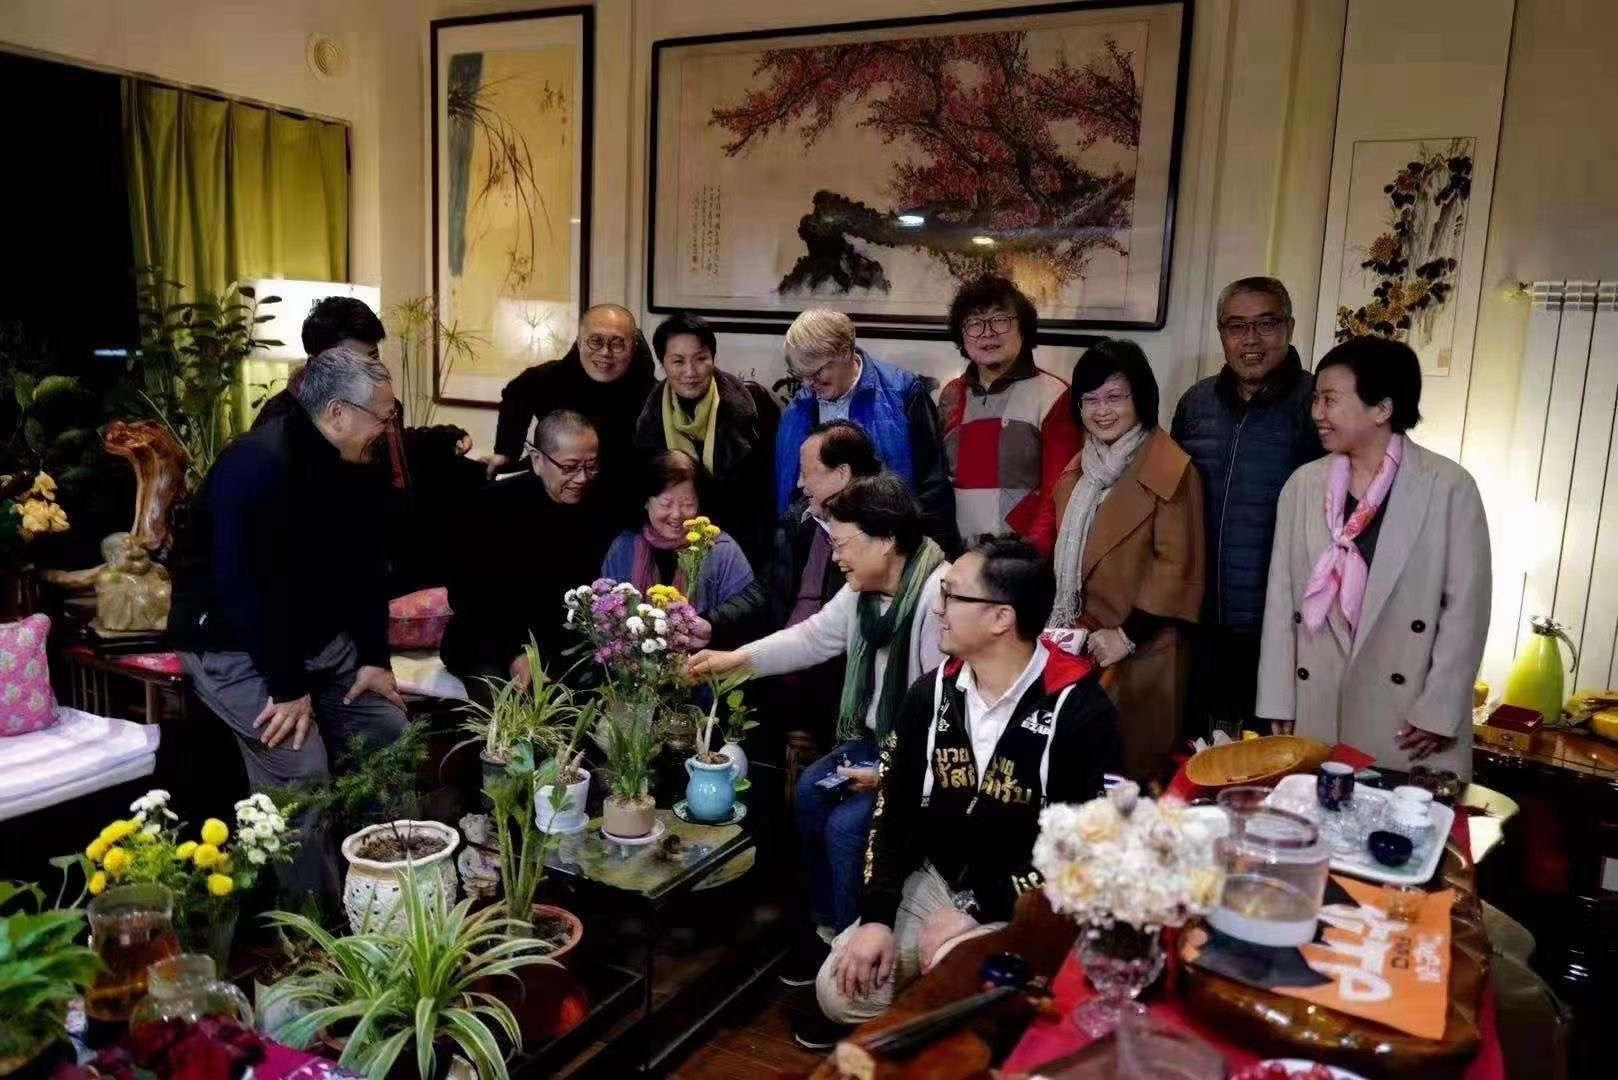 武漢作家方方(正中鮮花後女士)獲獨立中文筆會「自由寫作獎」,11月25日,知名公知艾曉明、陳丹青、梁文道等為方方慶祝生日。 (網絡圖片)